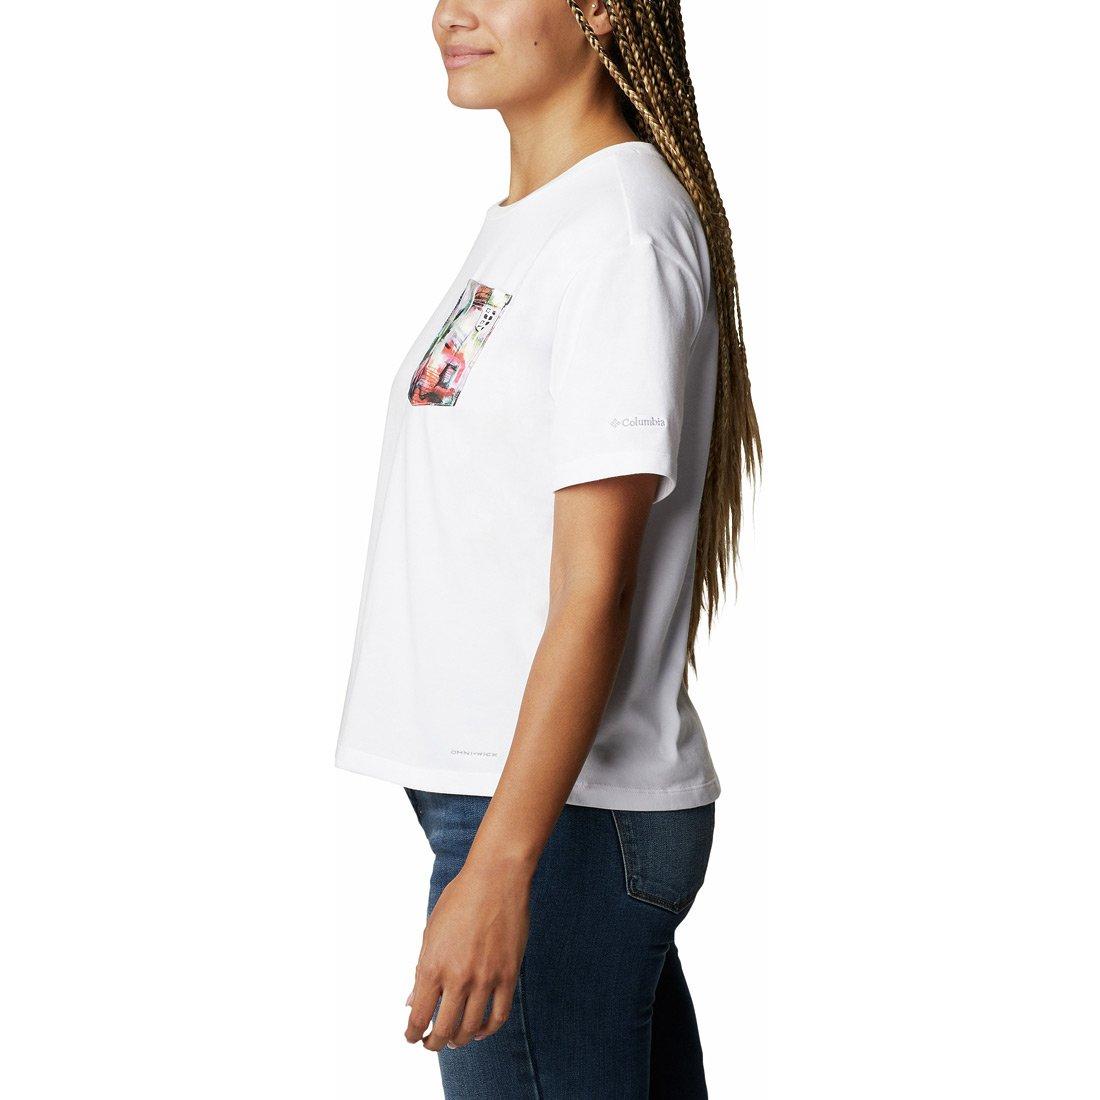 חולצה לנשים - Alpine Way Pocket S/S T - Columbia